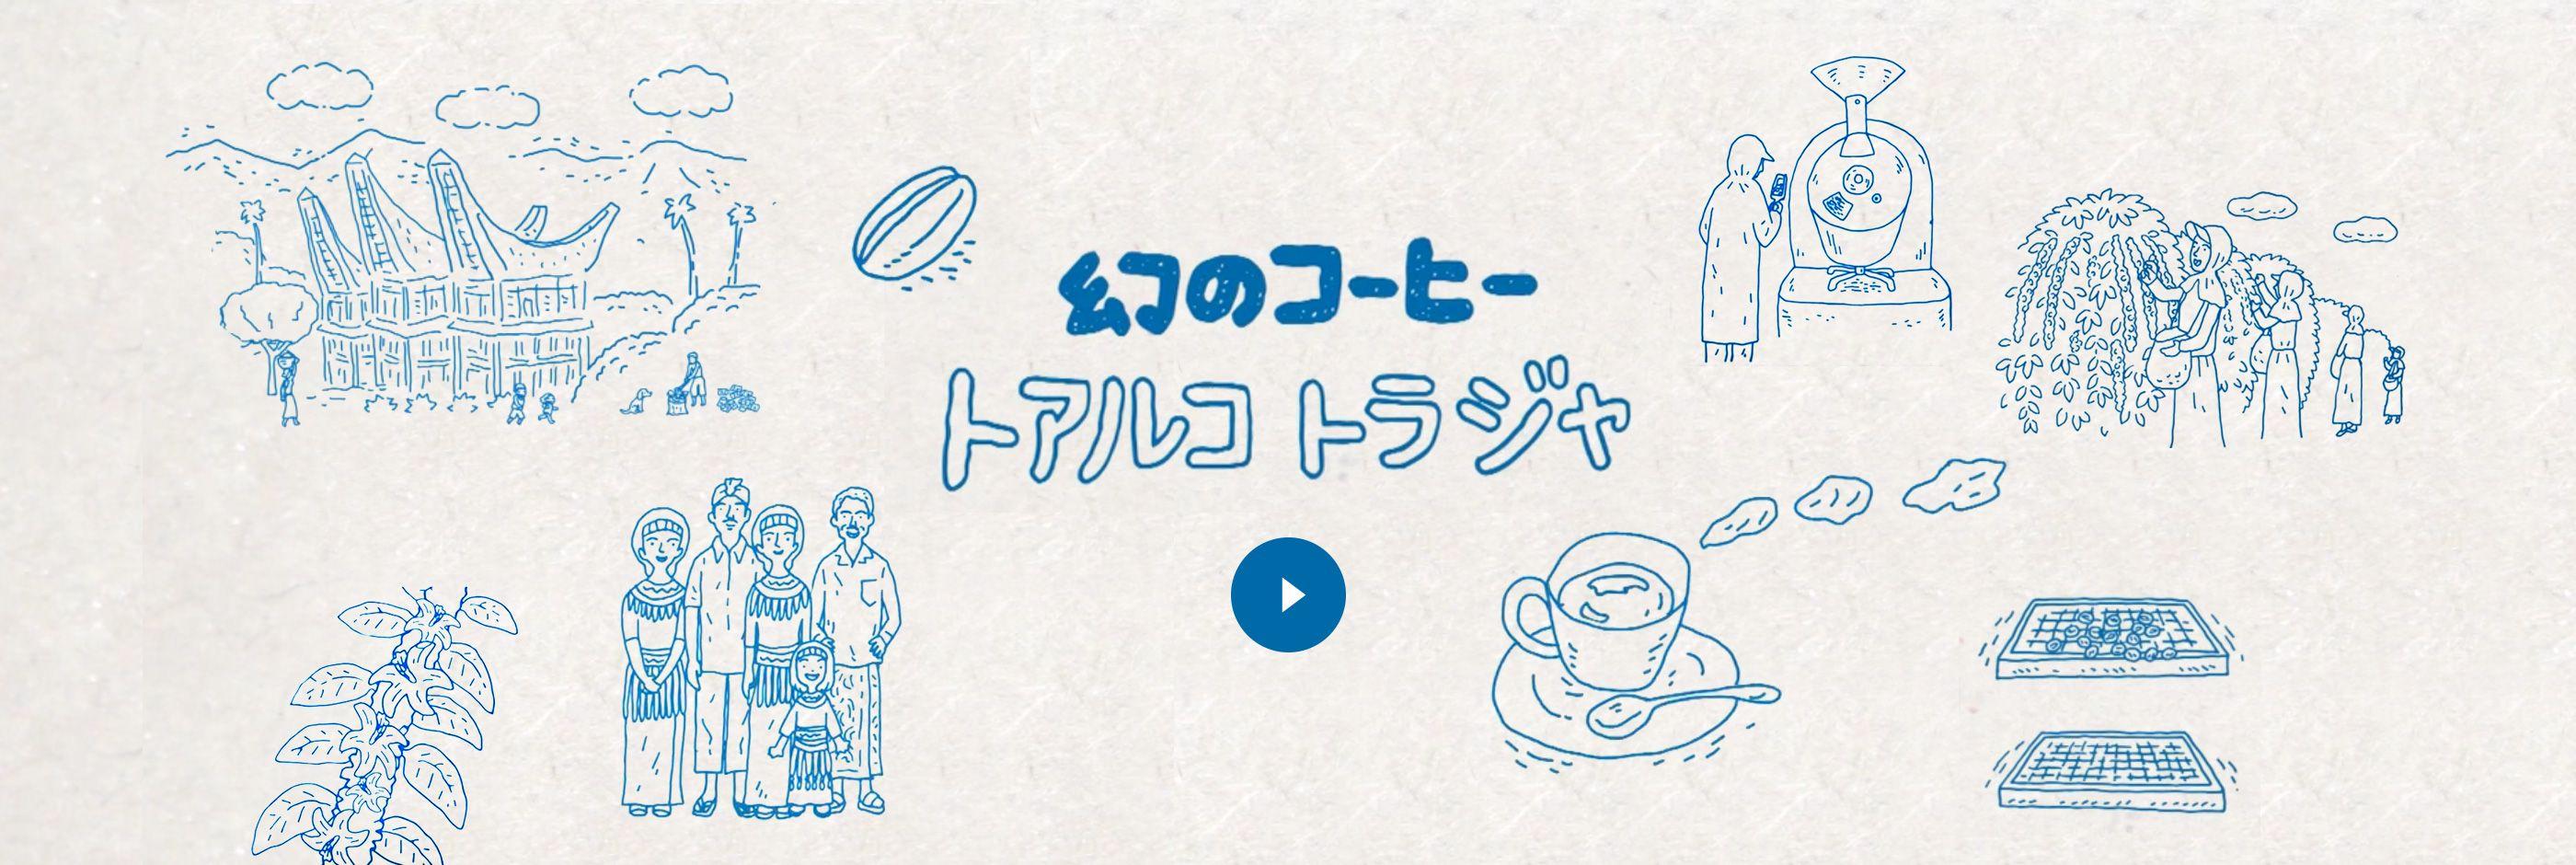 トアルコ トラジャ-TOARCO TORAJA- キーコーヒー株式会社